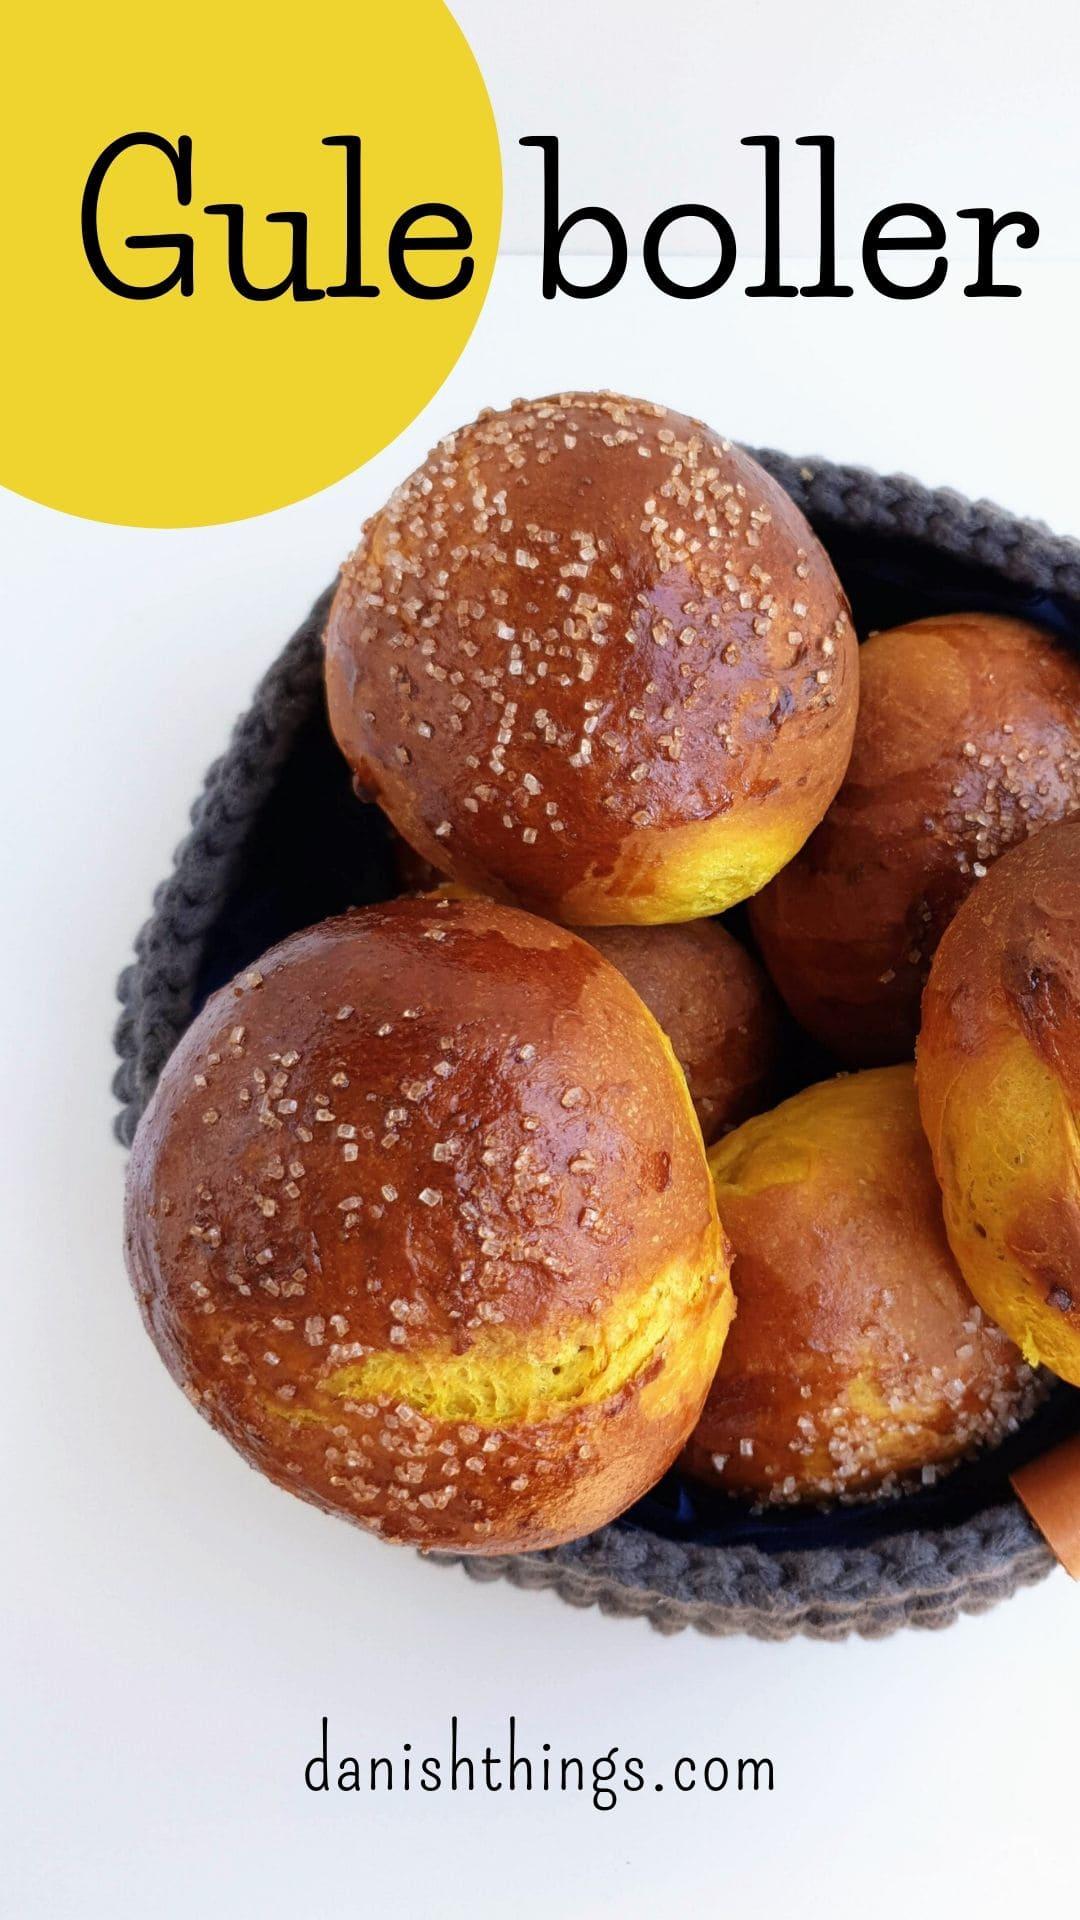 Lækre gule boller – fnuglette solskins teboller. Her får du opskriften på en solskinsgul bolle, som kan spises året rundt. Solskinsbollerne er krydret med kanel, gurkemeje og appelsinmarmelade. Den fugtige dej, gør at bollerne bliver fnuglette. Spis dine gule boller til morgenmad, fødselsdag eller til din eftermiddagskaffe/-te.   morgenmad, fødselsdag eller som boller til din eftermiddagskaffe/-te.  Find opskrifter, gratis print og inspiration til årets gang på danishthings.com #DanishThings #boller #gule #påske #jul #fødselsdag #teboller #luftige #fnuglette